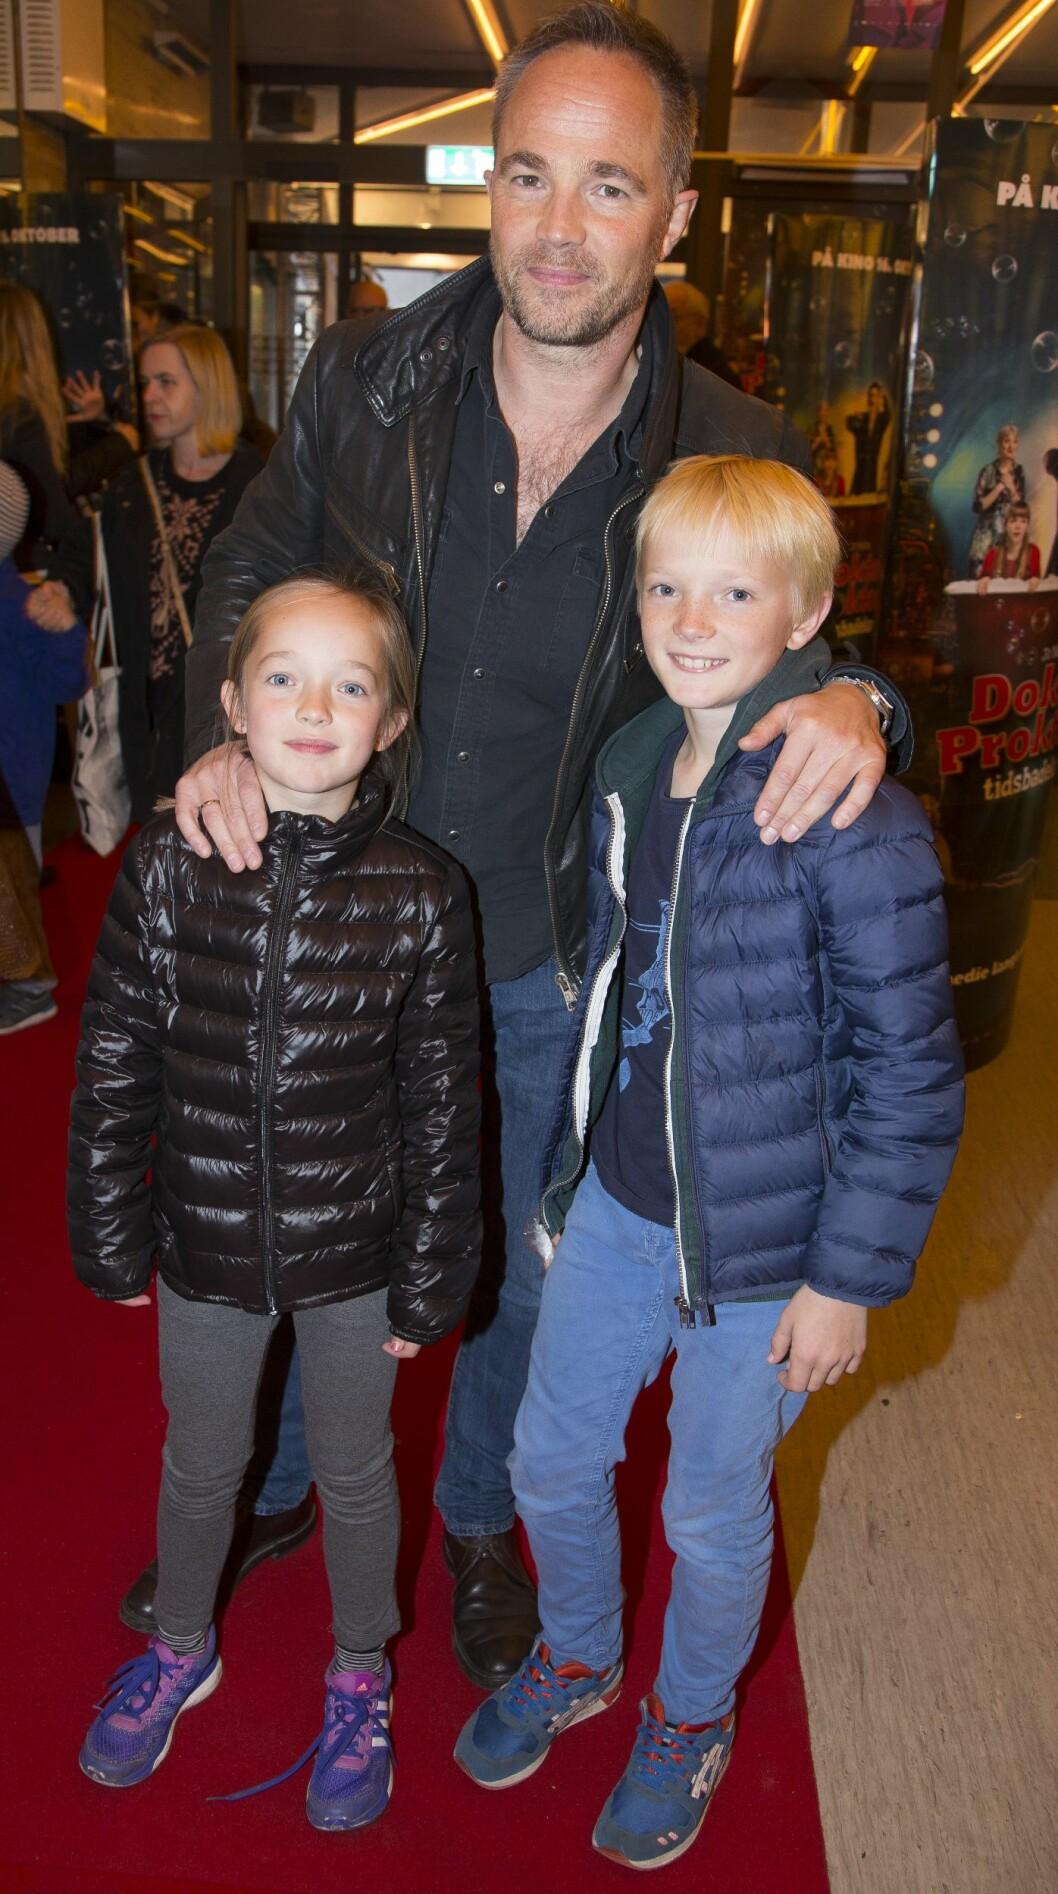 DOKTOR PROKTOR: Jon Øigarden med barna Mirella og Filip. Foto: Tore Skaar/Se og Hør